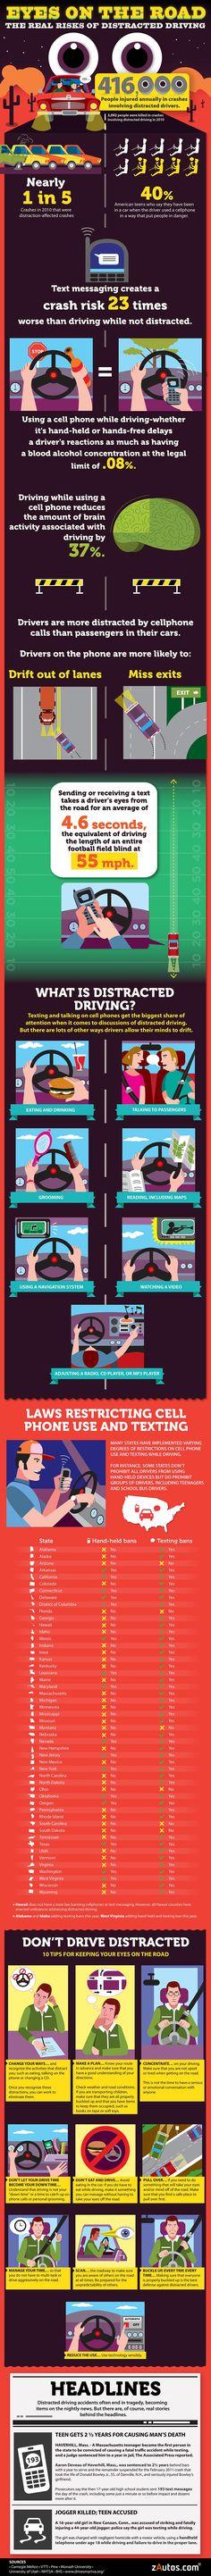 Distracted Driving Infographic: Dangers of #DistractedDriving